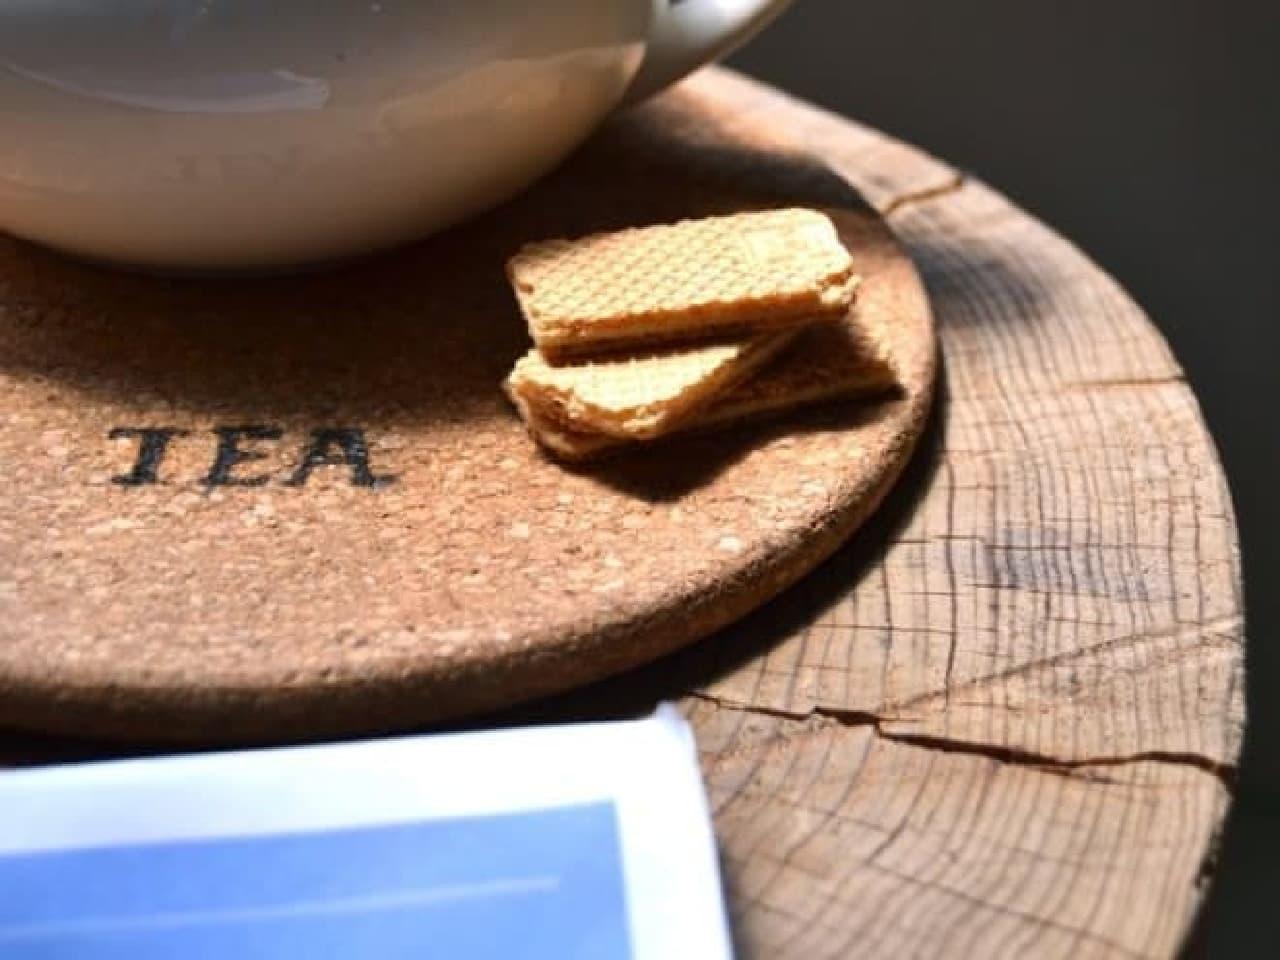 コースターに熱彫刻した例 「TEA」という文字